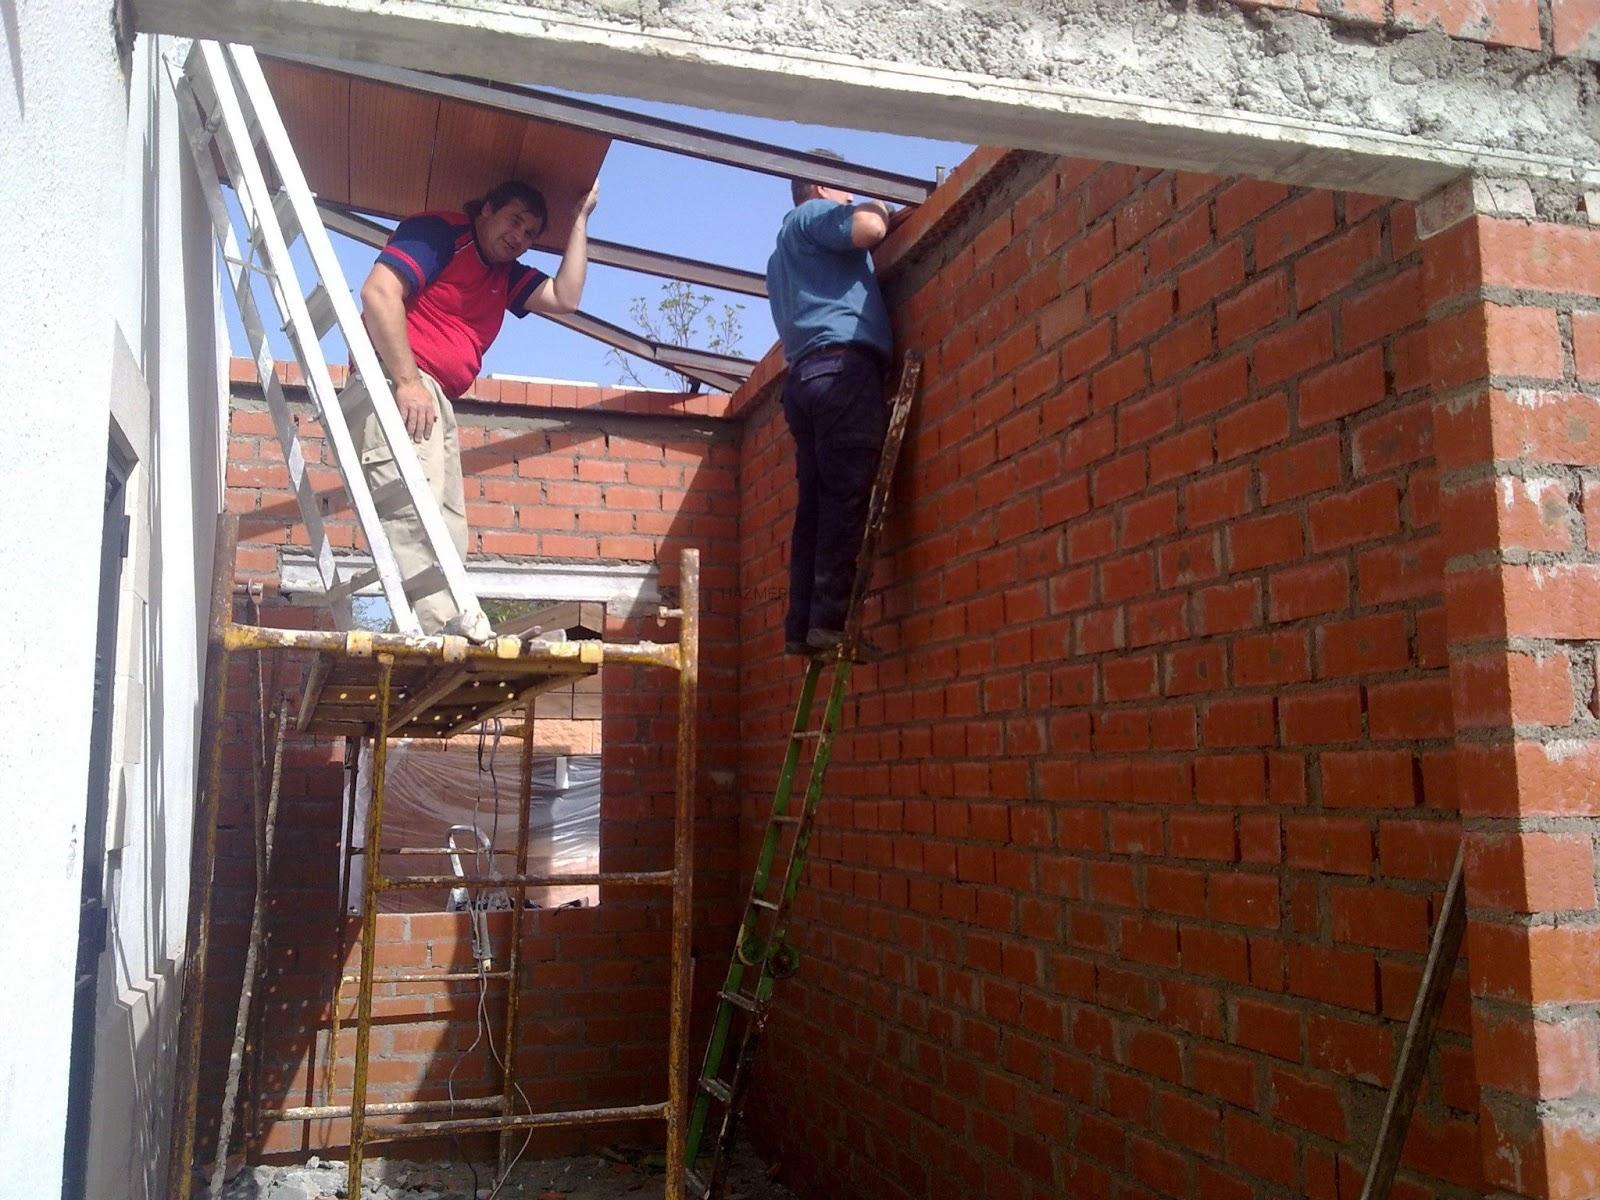 El maestro de obras xavier valderas construir un muro de for Construir una pileta de ladrillos